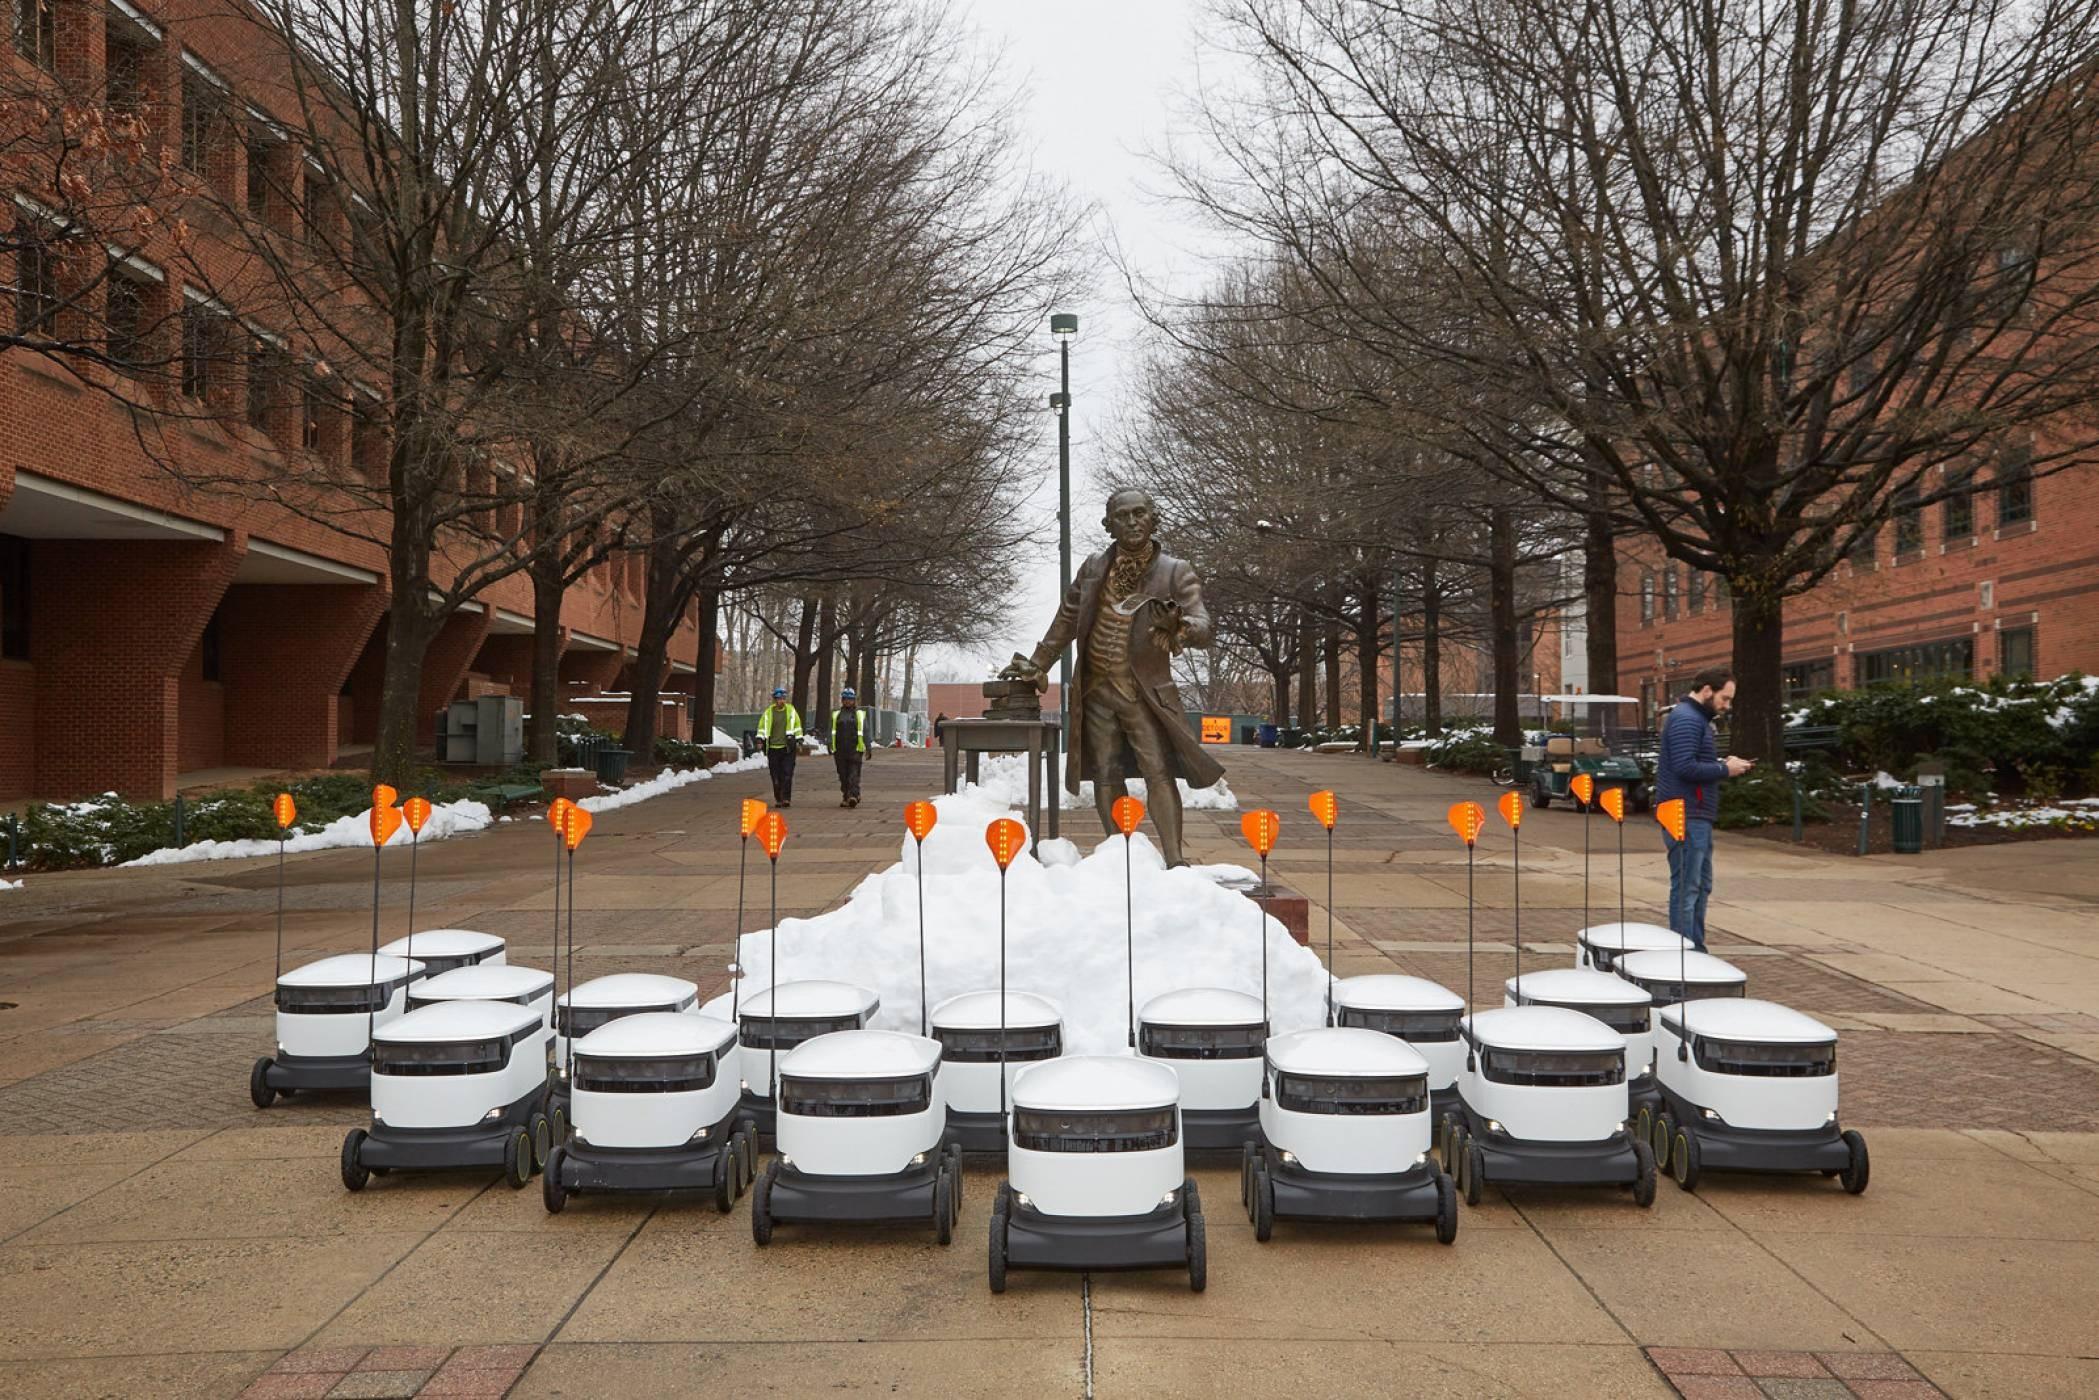 Robôs que farão entregas de comida em faculdade dos EUA (Foto: Starship Technologies/Divulgação)